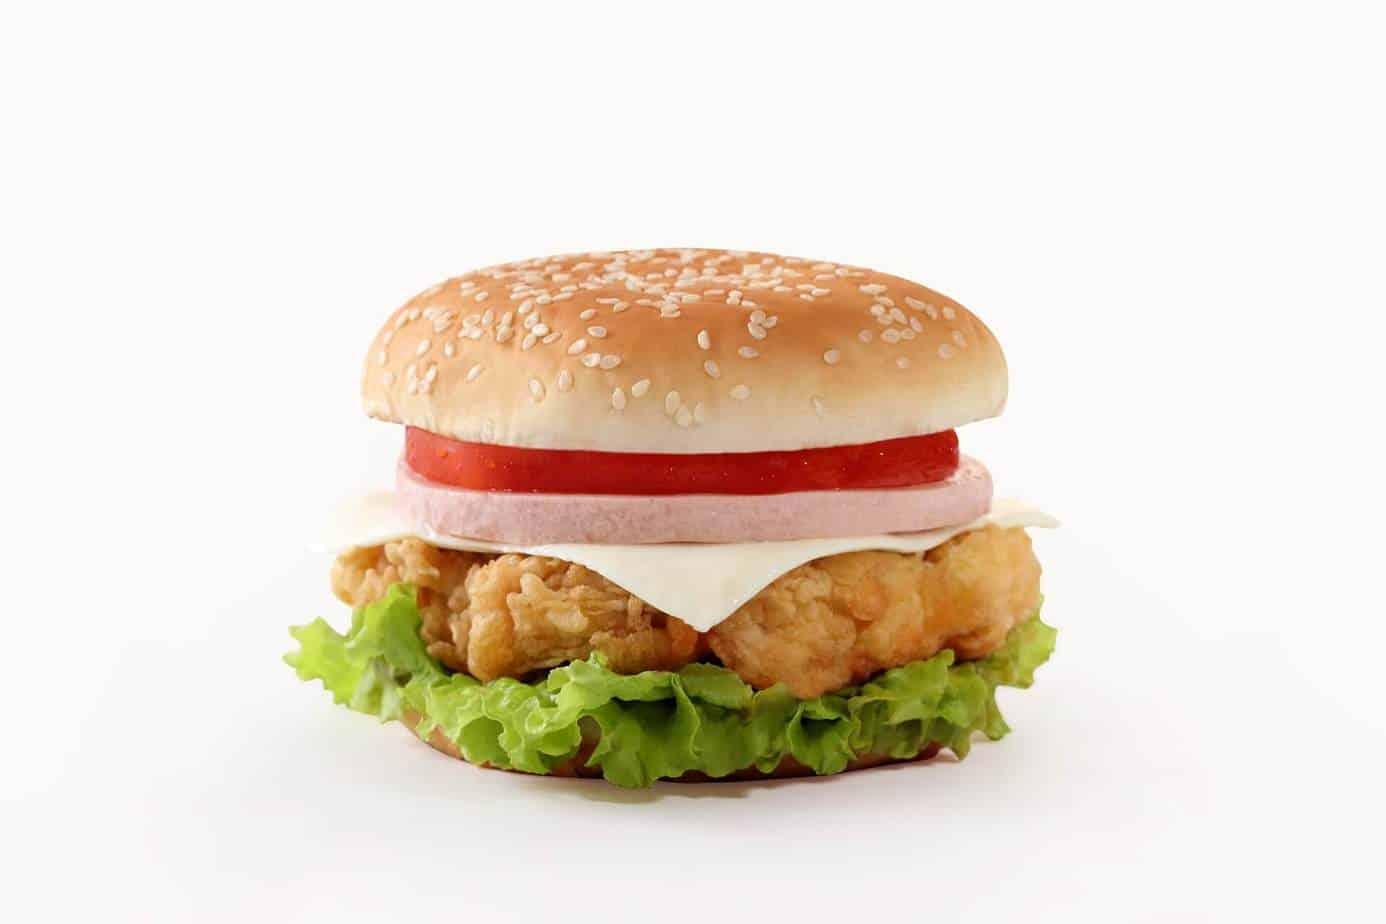 Alimentação boa e alimentação ruim para saúde